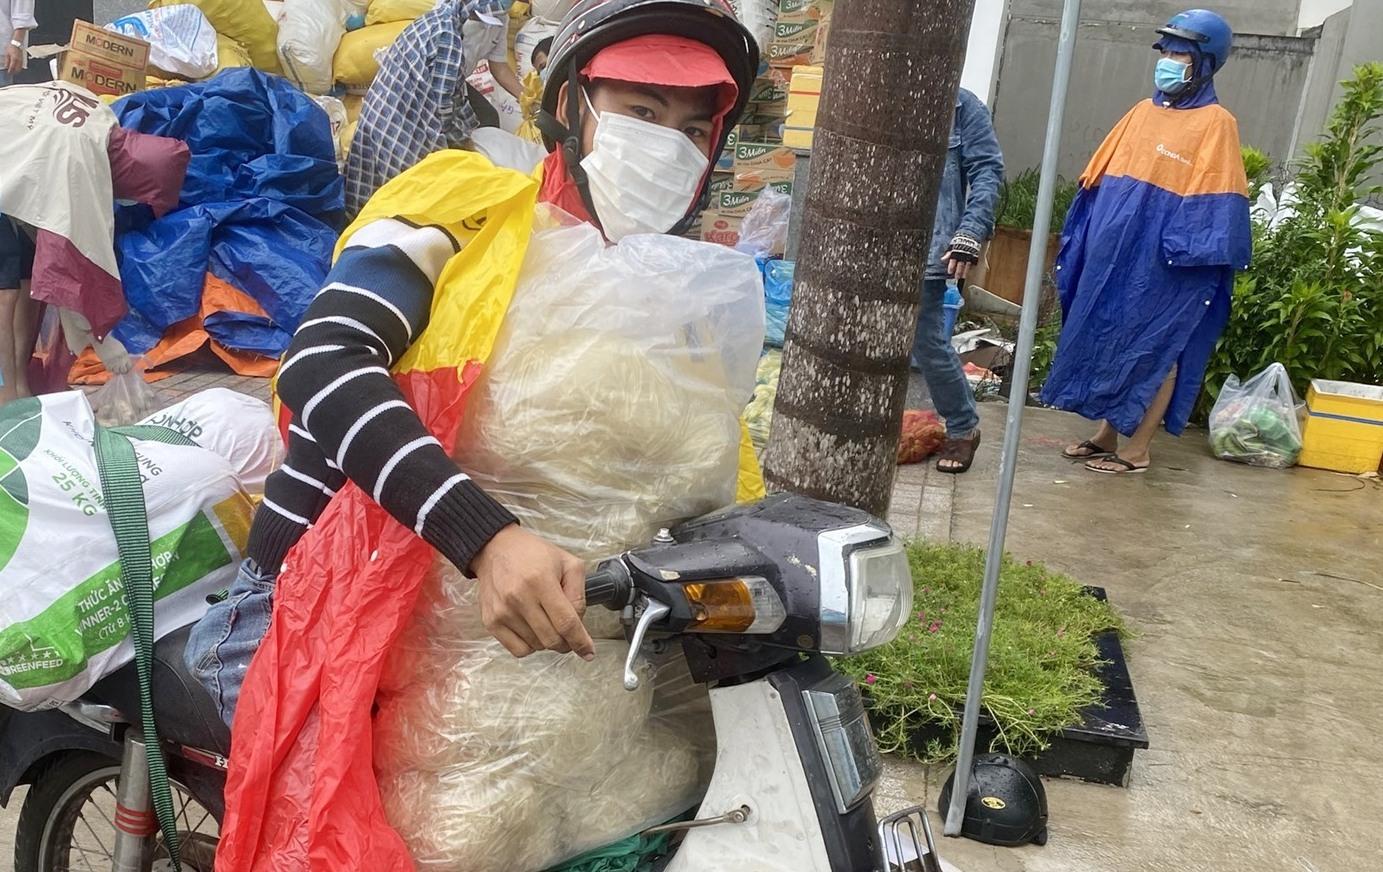 Cùng với việc đón người về, các chuyến xe chở theo lương thực thực phẩm để hỗ trợ bà con tại TP.Hồ Chí Minh. Người dân đến tại điểm tập kết để nhận hàng viện trợ từ quê nhà. Ảnh; Công Khanh